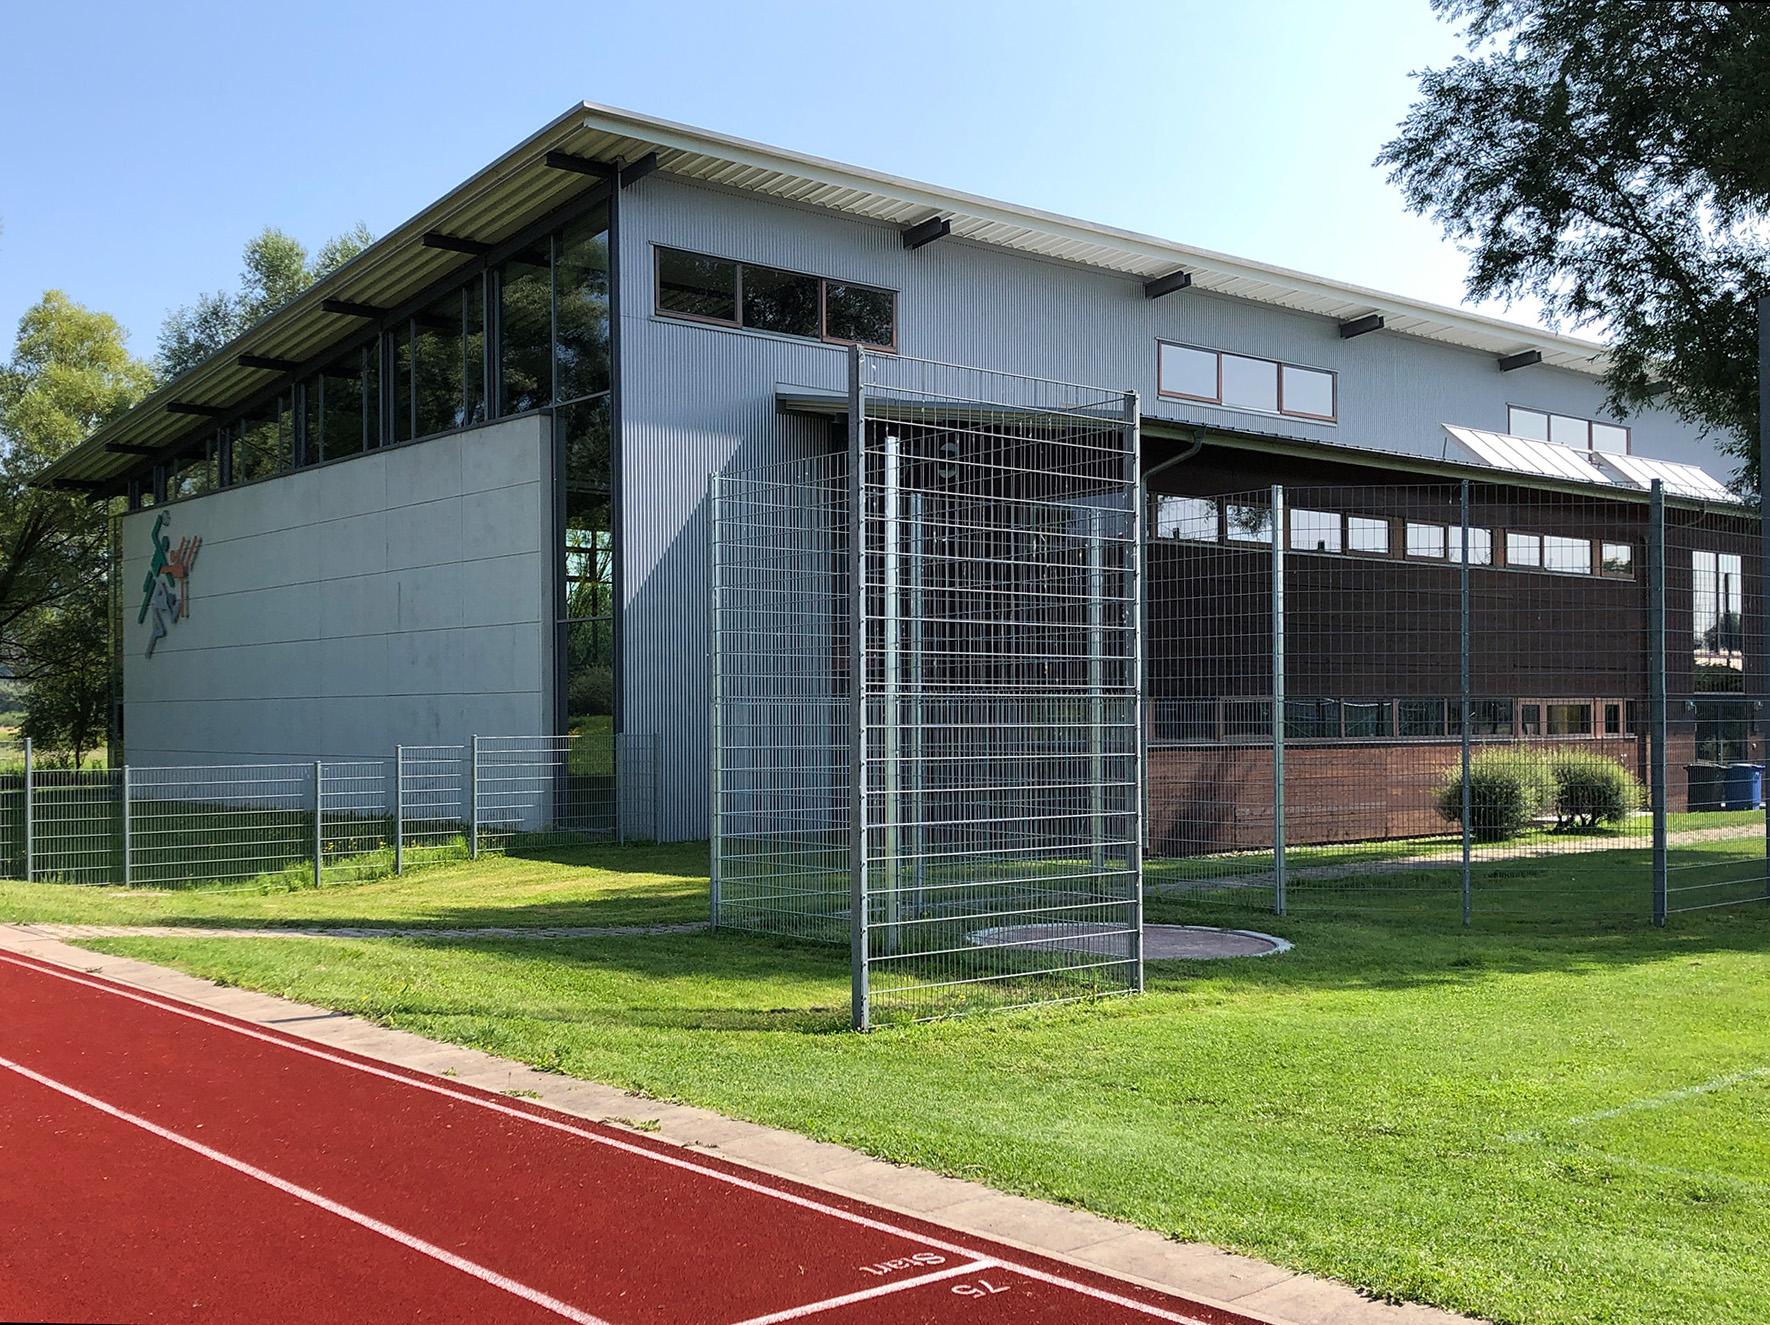 Sportstaetten-2-w